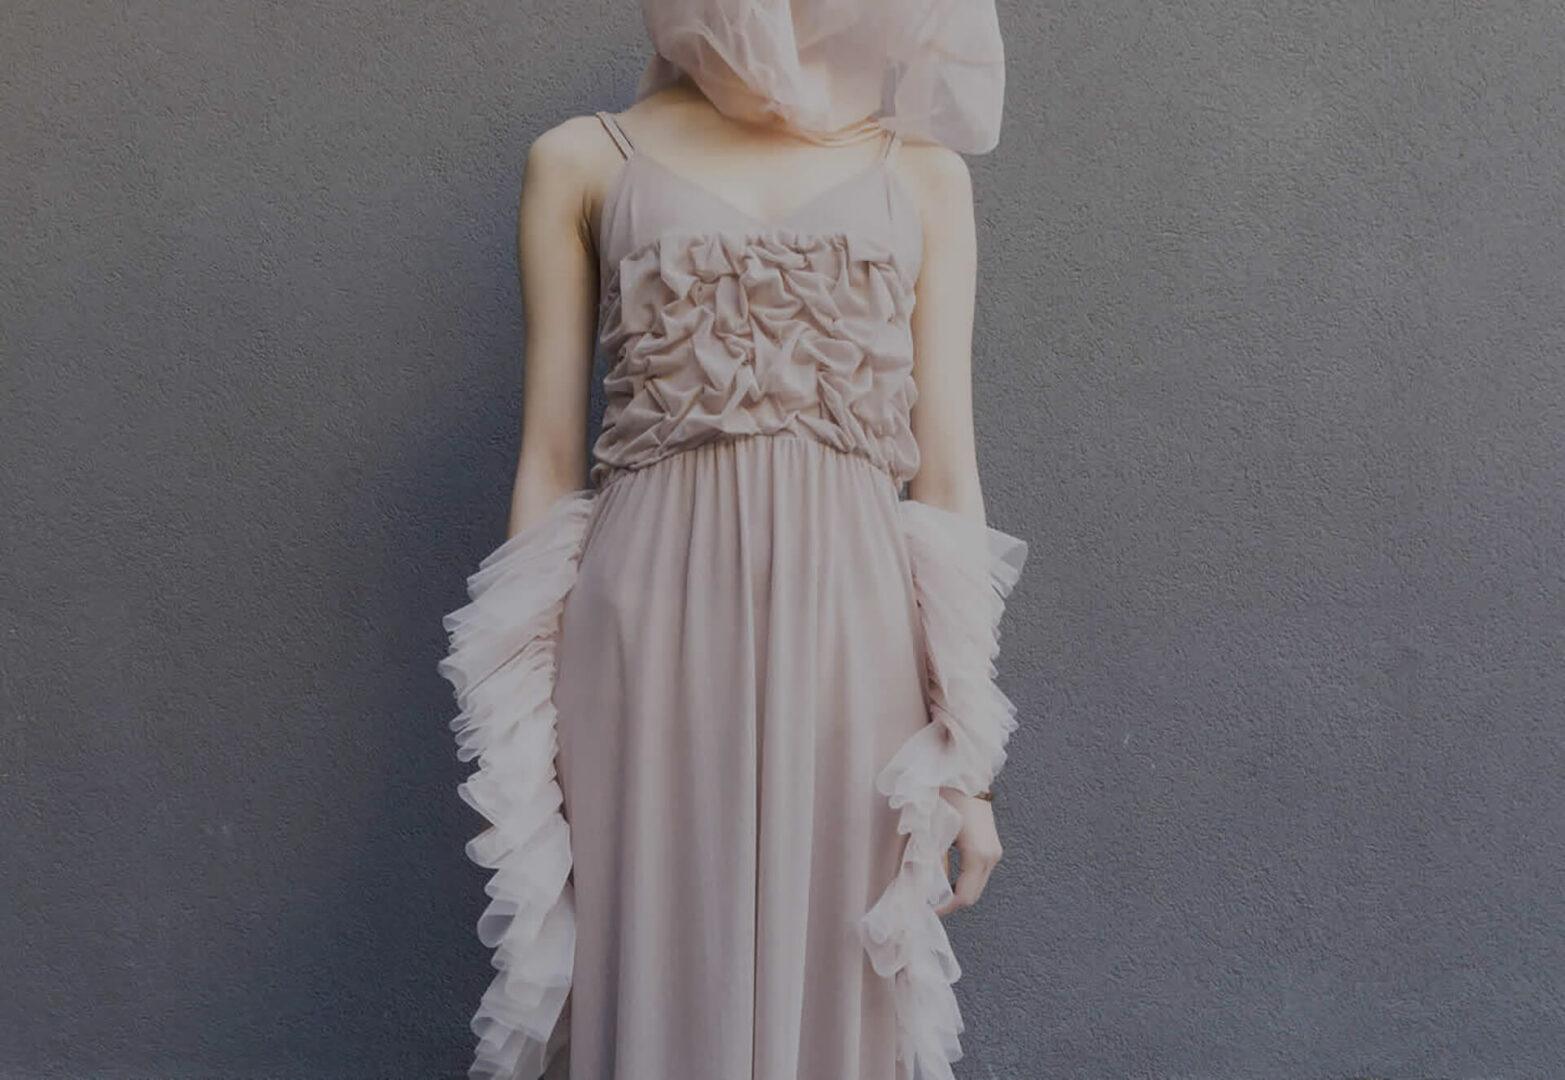 Accademia del lusso scuola di moda e design a milano e roma for Accademie di moda milano